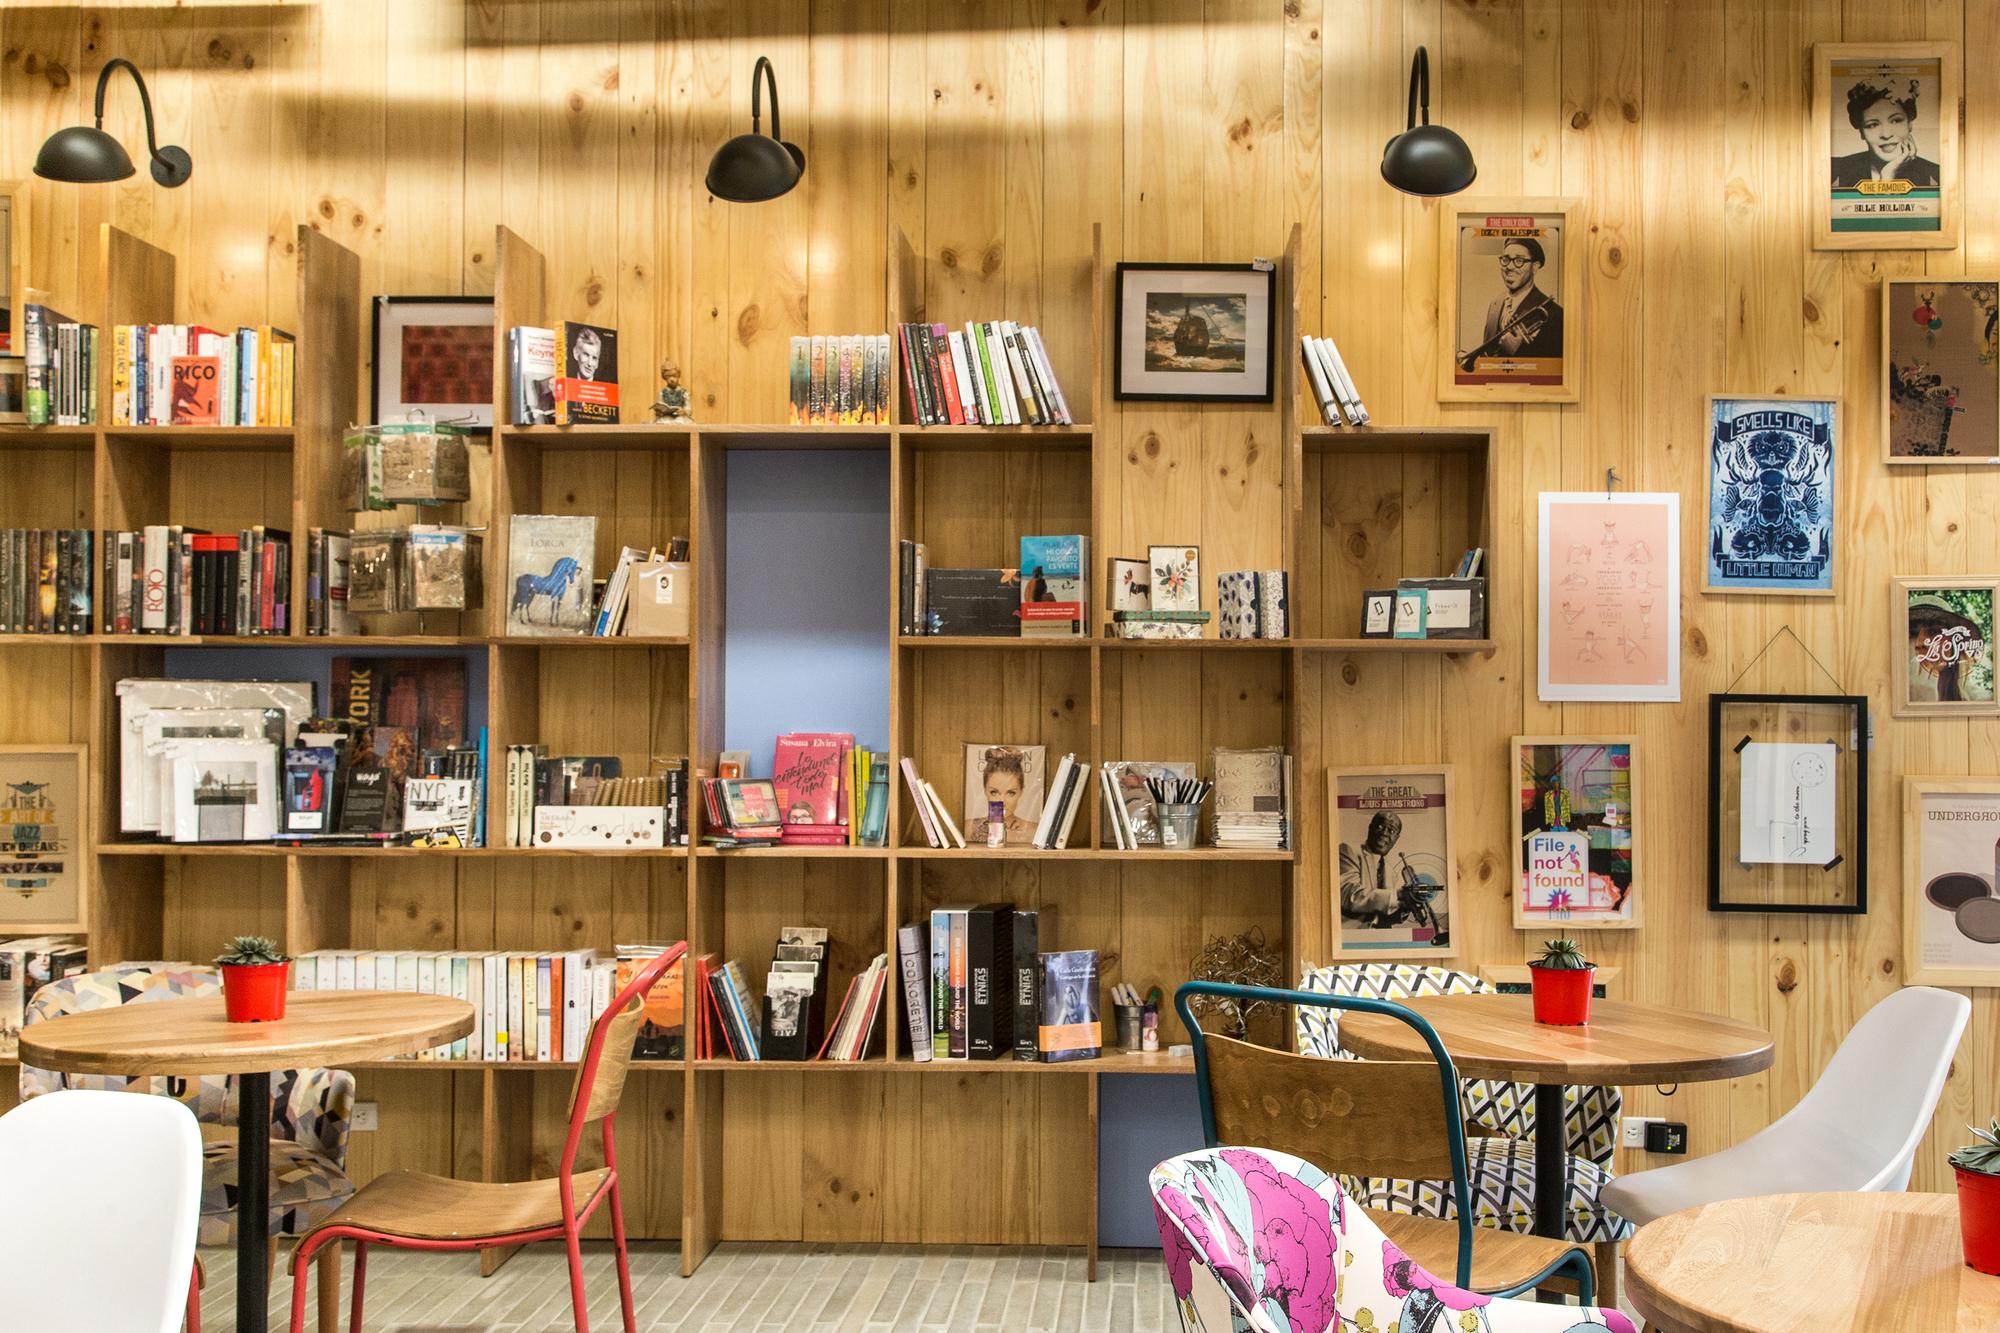 9 ¾ Bookstore Café Plasma Nodo Archdaily